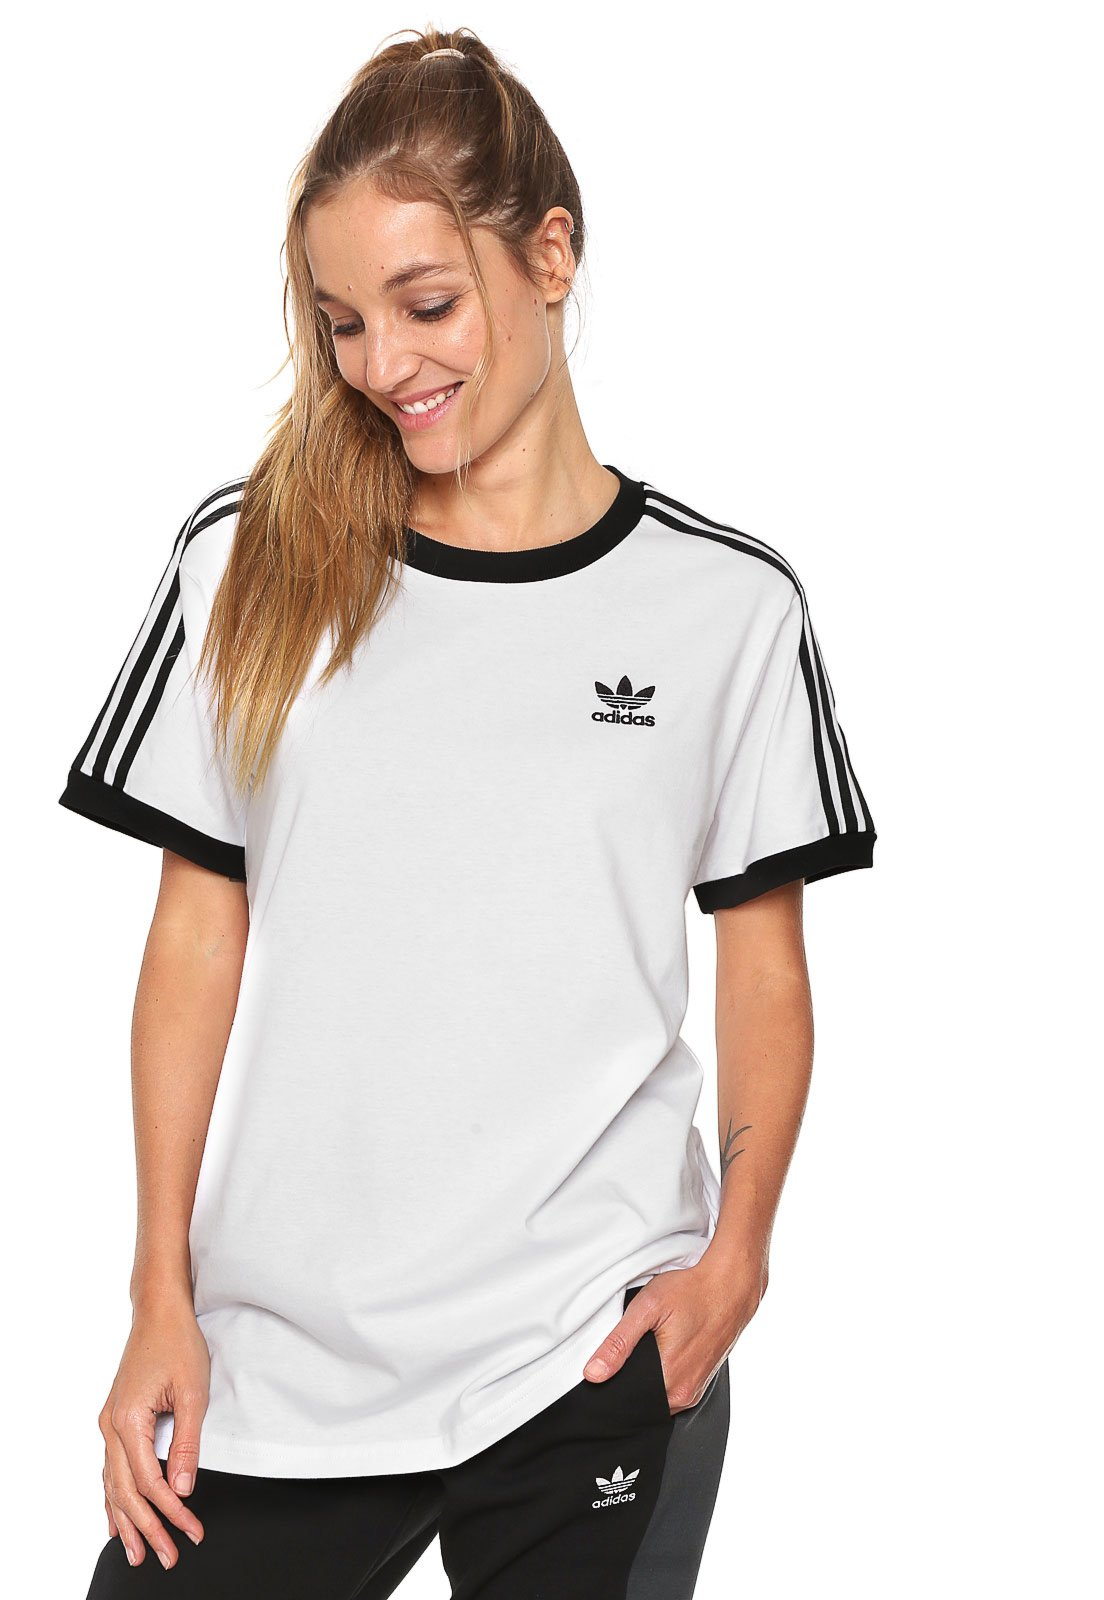 Colgar No puedo ir al trabajo  camiseta adidas california barata closeout d5a21 26c3a